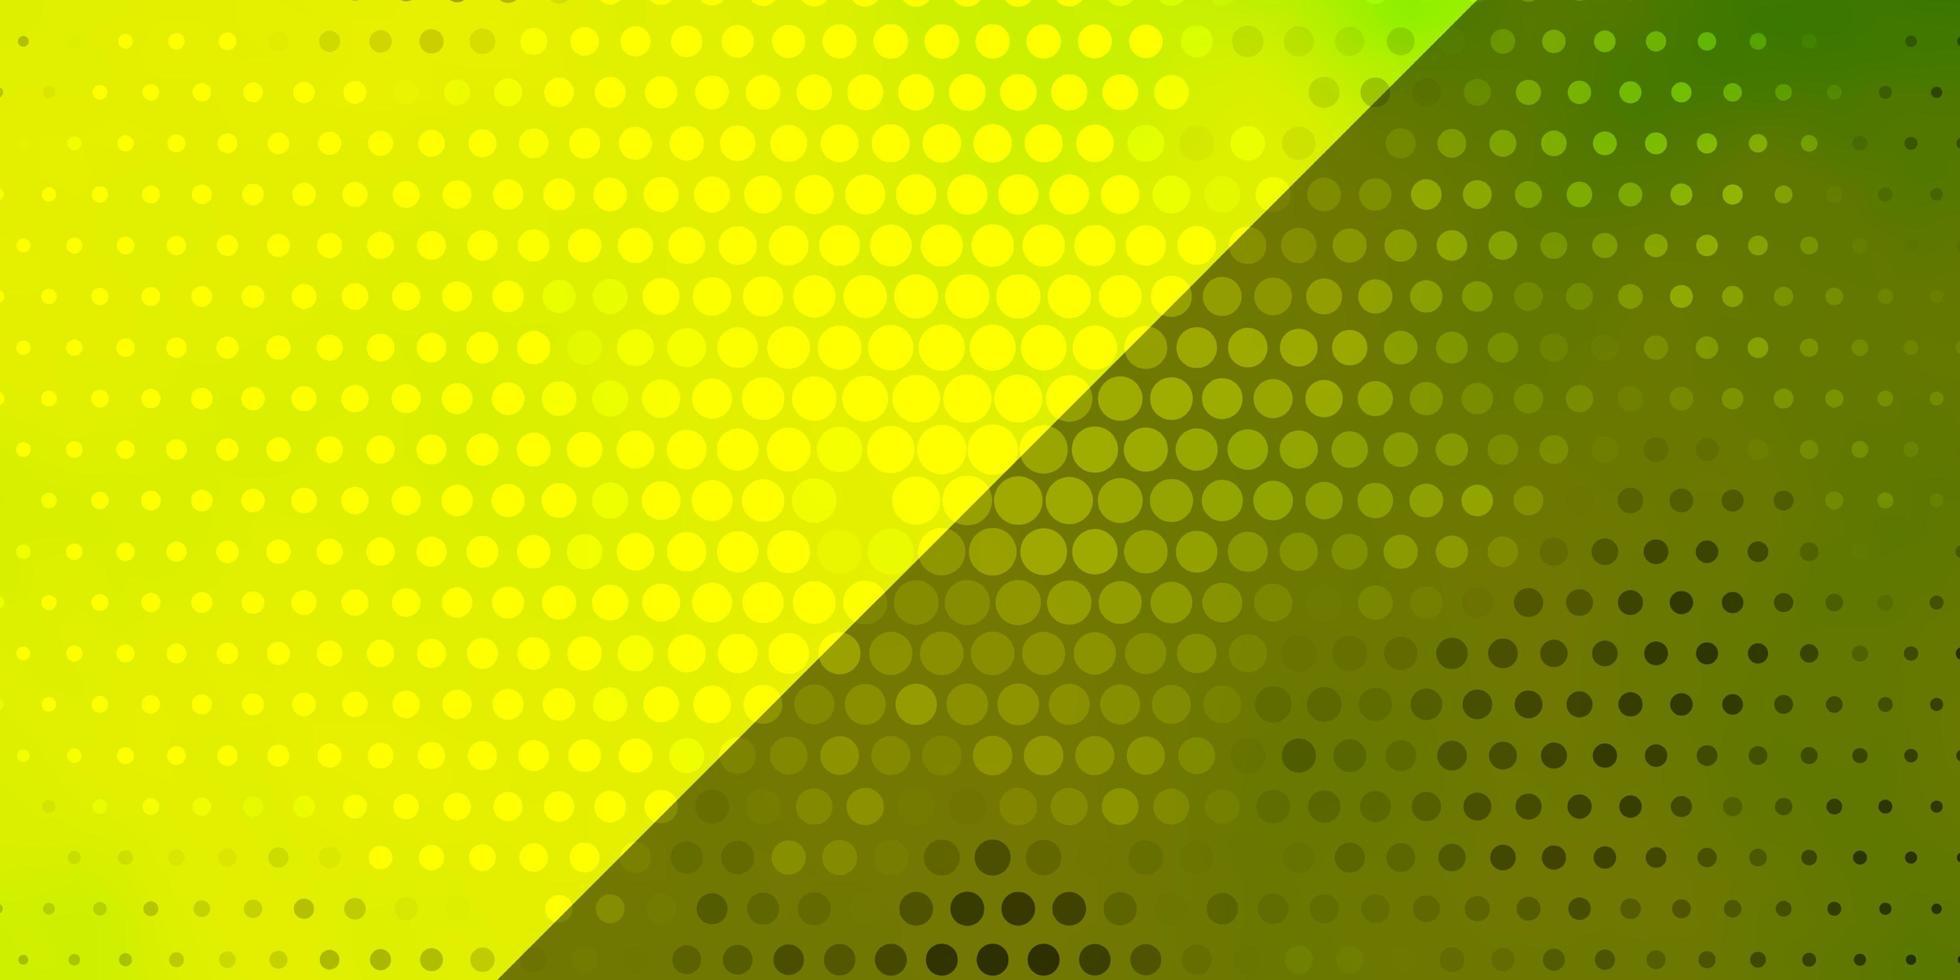 textura de vetor verde e amarelo claro com círculos.